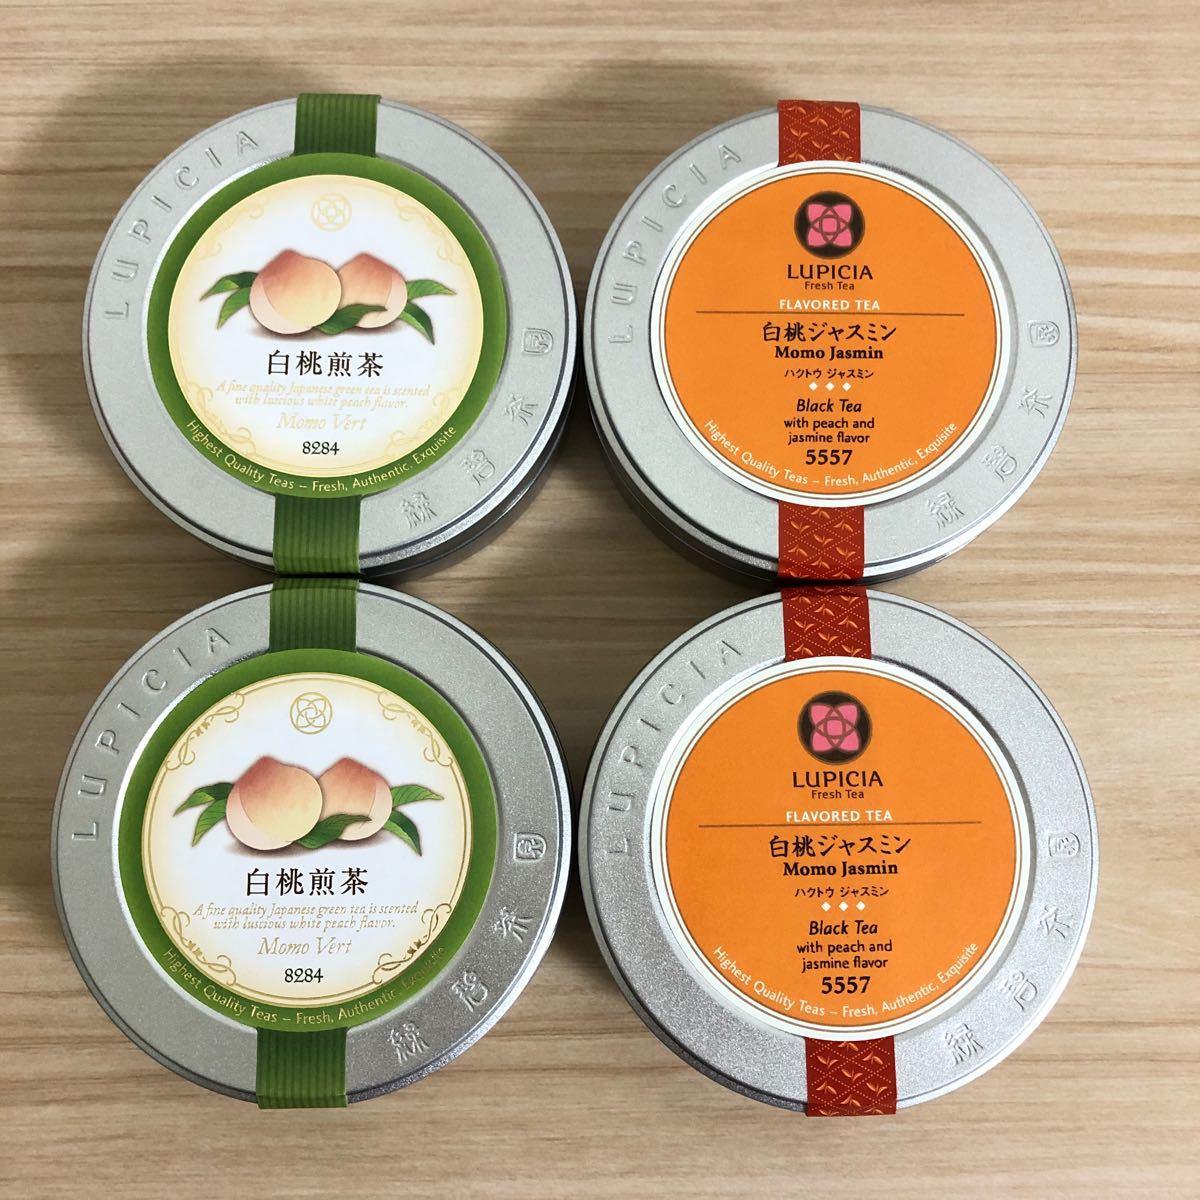 ルピシアLUPICIA白桃煎茶 白桃ジャスミン 茶葉 缶入り 4個セット